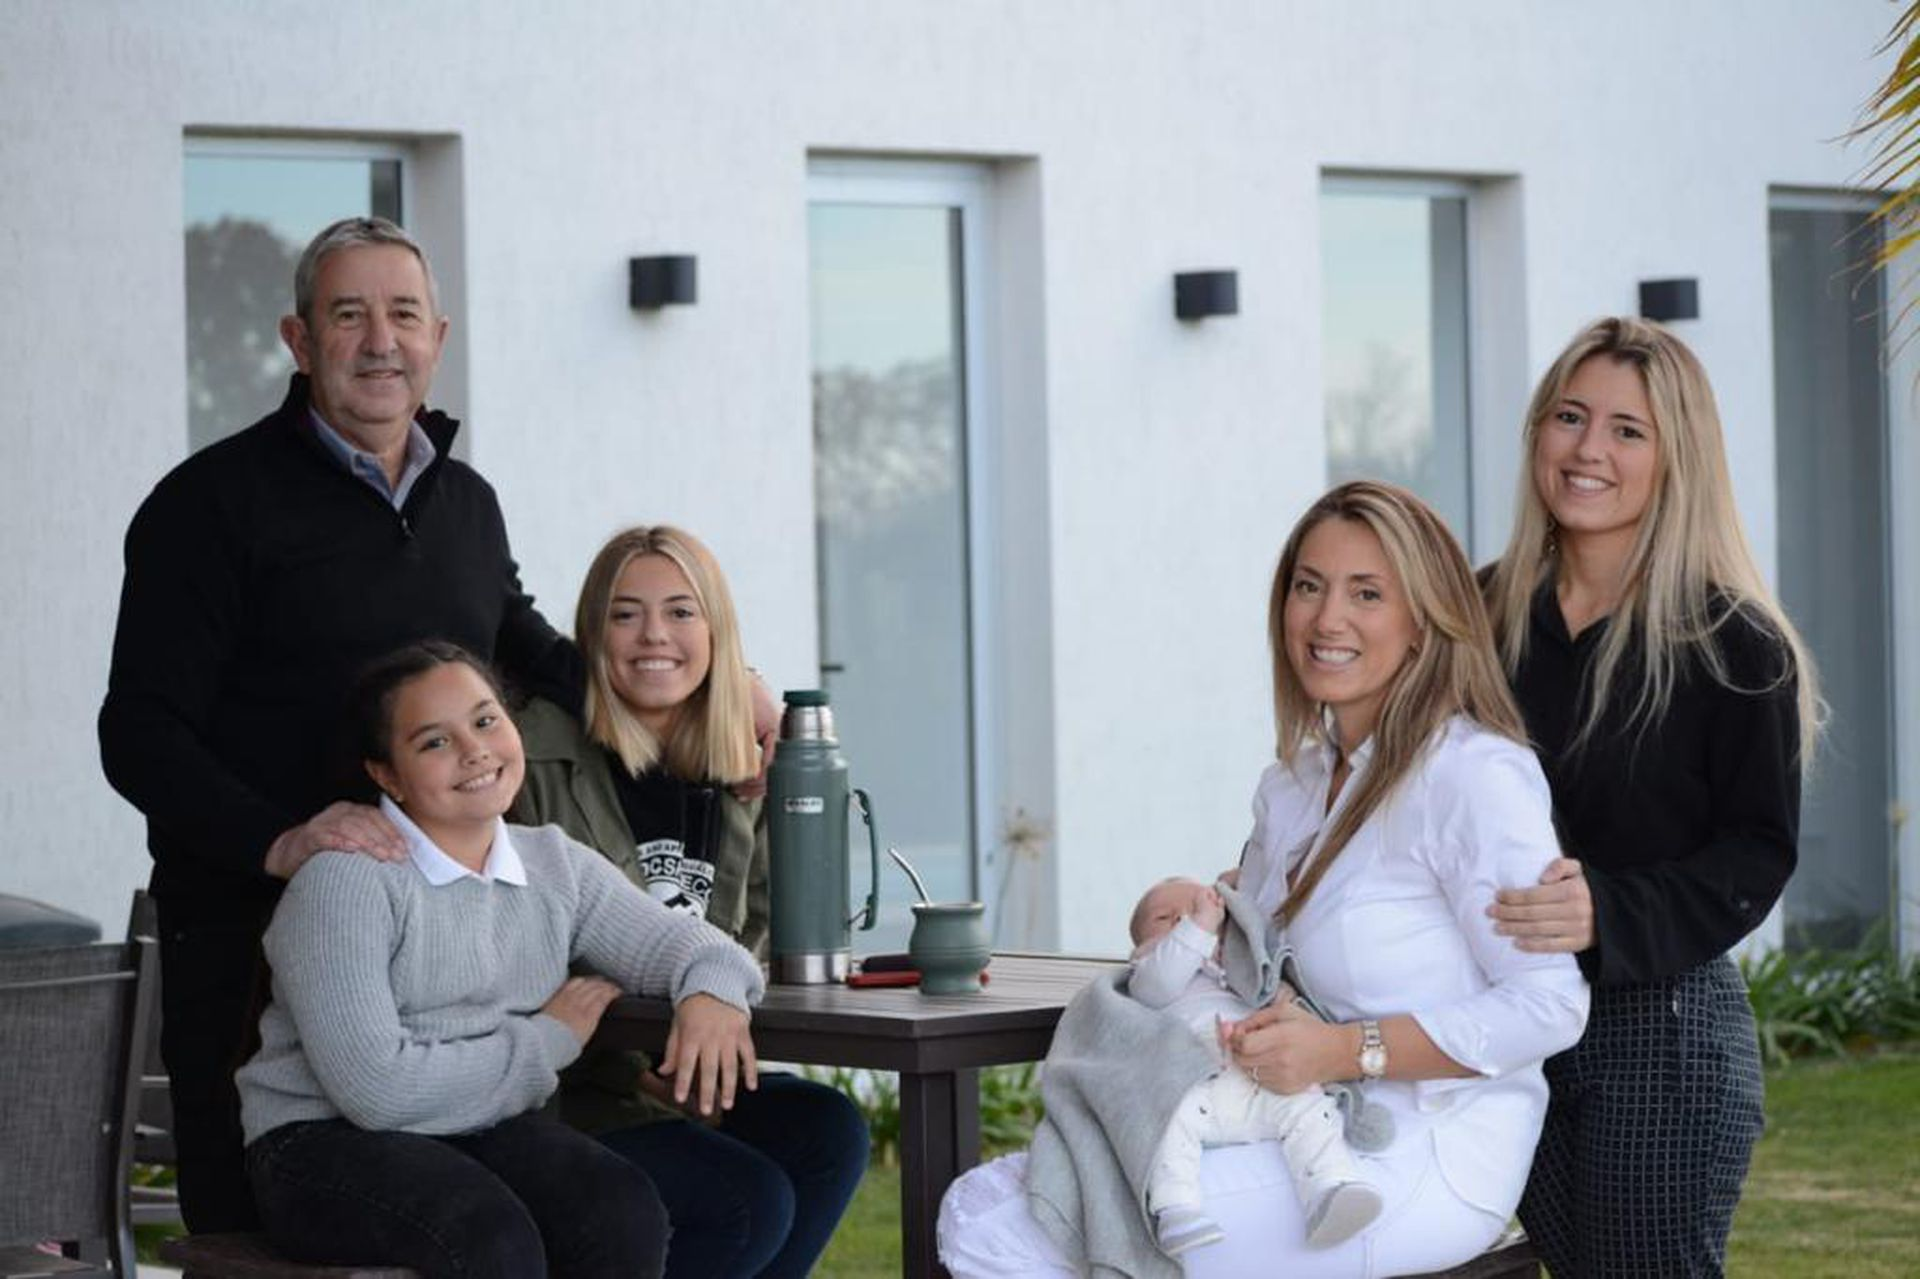 """De golpe, a partir de su nueva relación, Julio Cobos vive rodeado de mujeres: además de su mujer, Natalia Obón, también incorporó a su familia a las tres hijas de ella: Antonella (20), Martina (18) y Emilia (11). """"Afortunadamente, las chicas me recibieron tan bien como yo a ellas"""", asegura."""